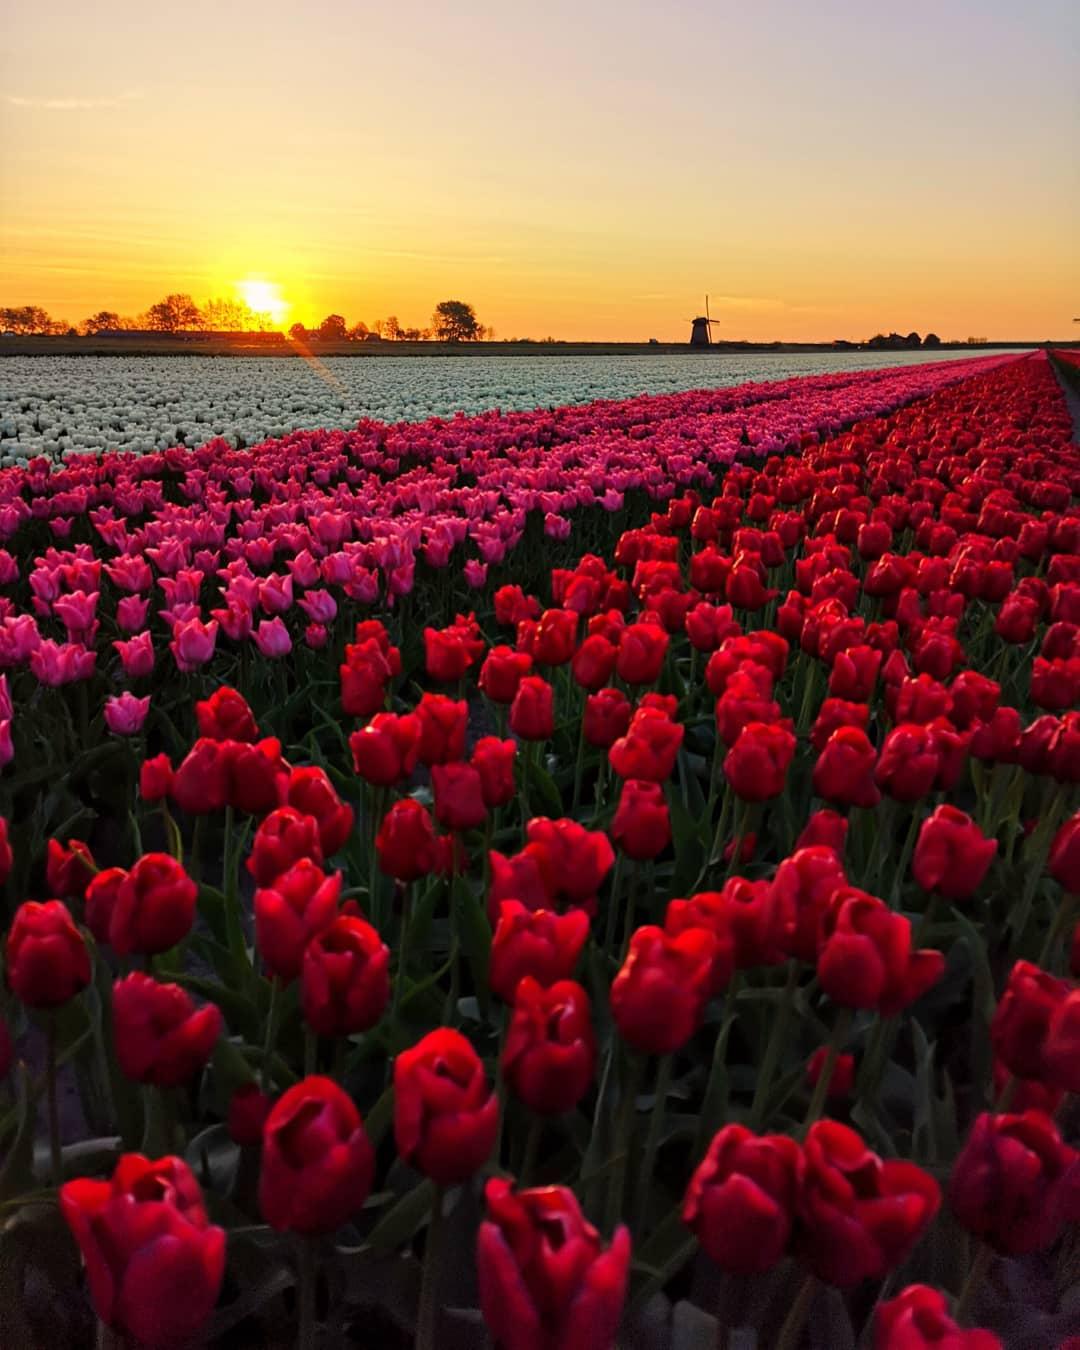 Красота тюльпанов на снимках Дирка Яна Пирсма